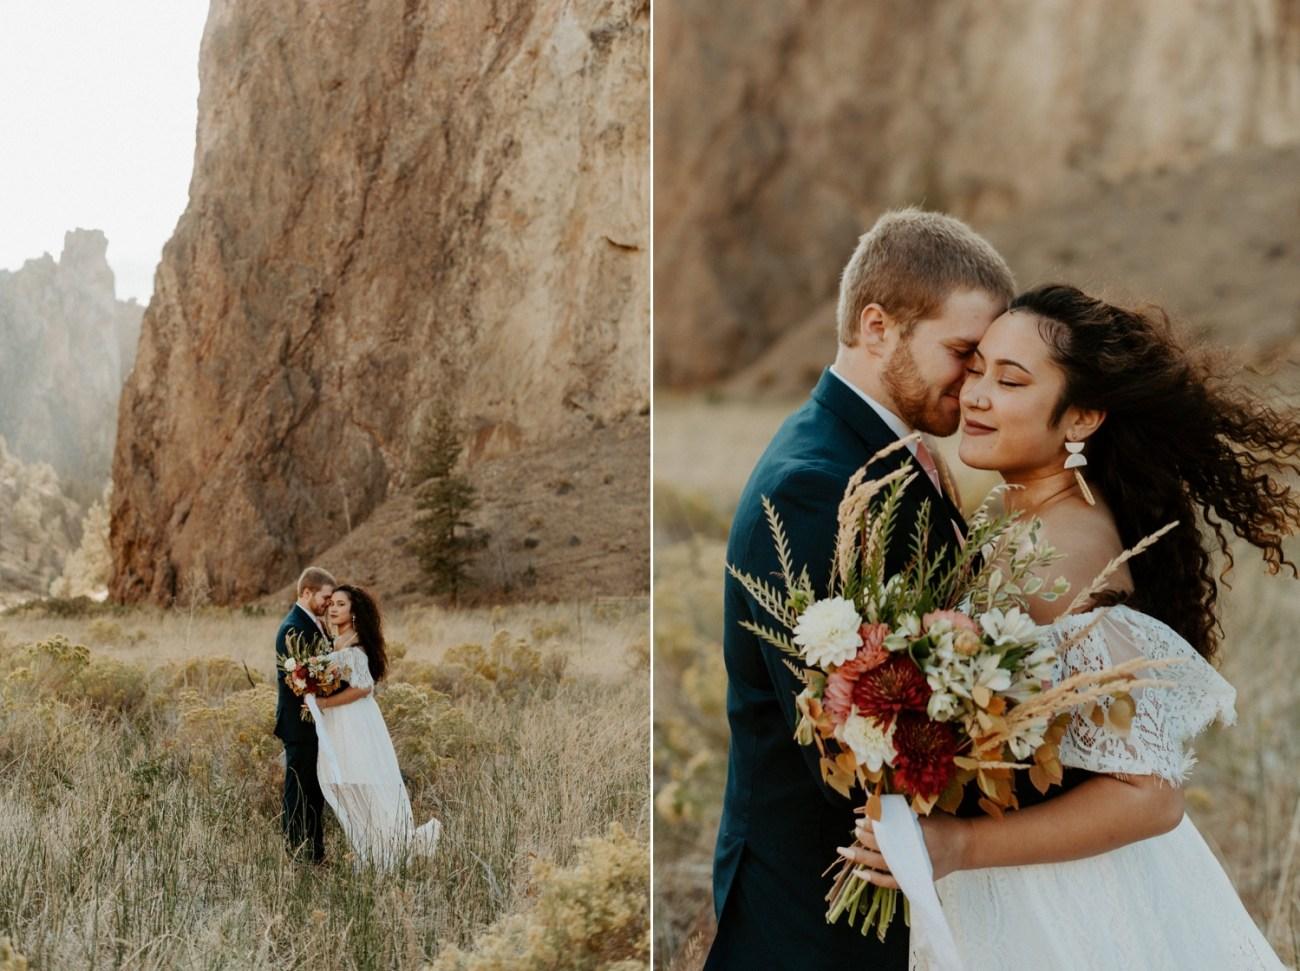 Smith Rock Elopement Bend Elopement Photographer Bend Wedding Photographer Fall Bend Wedding Anais Possamai Photography 003